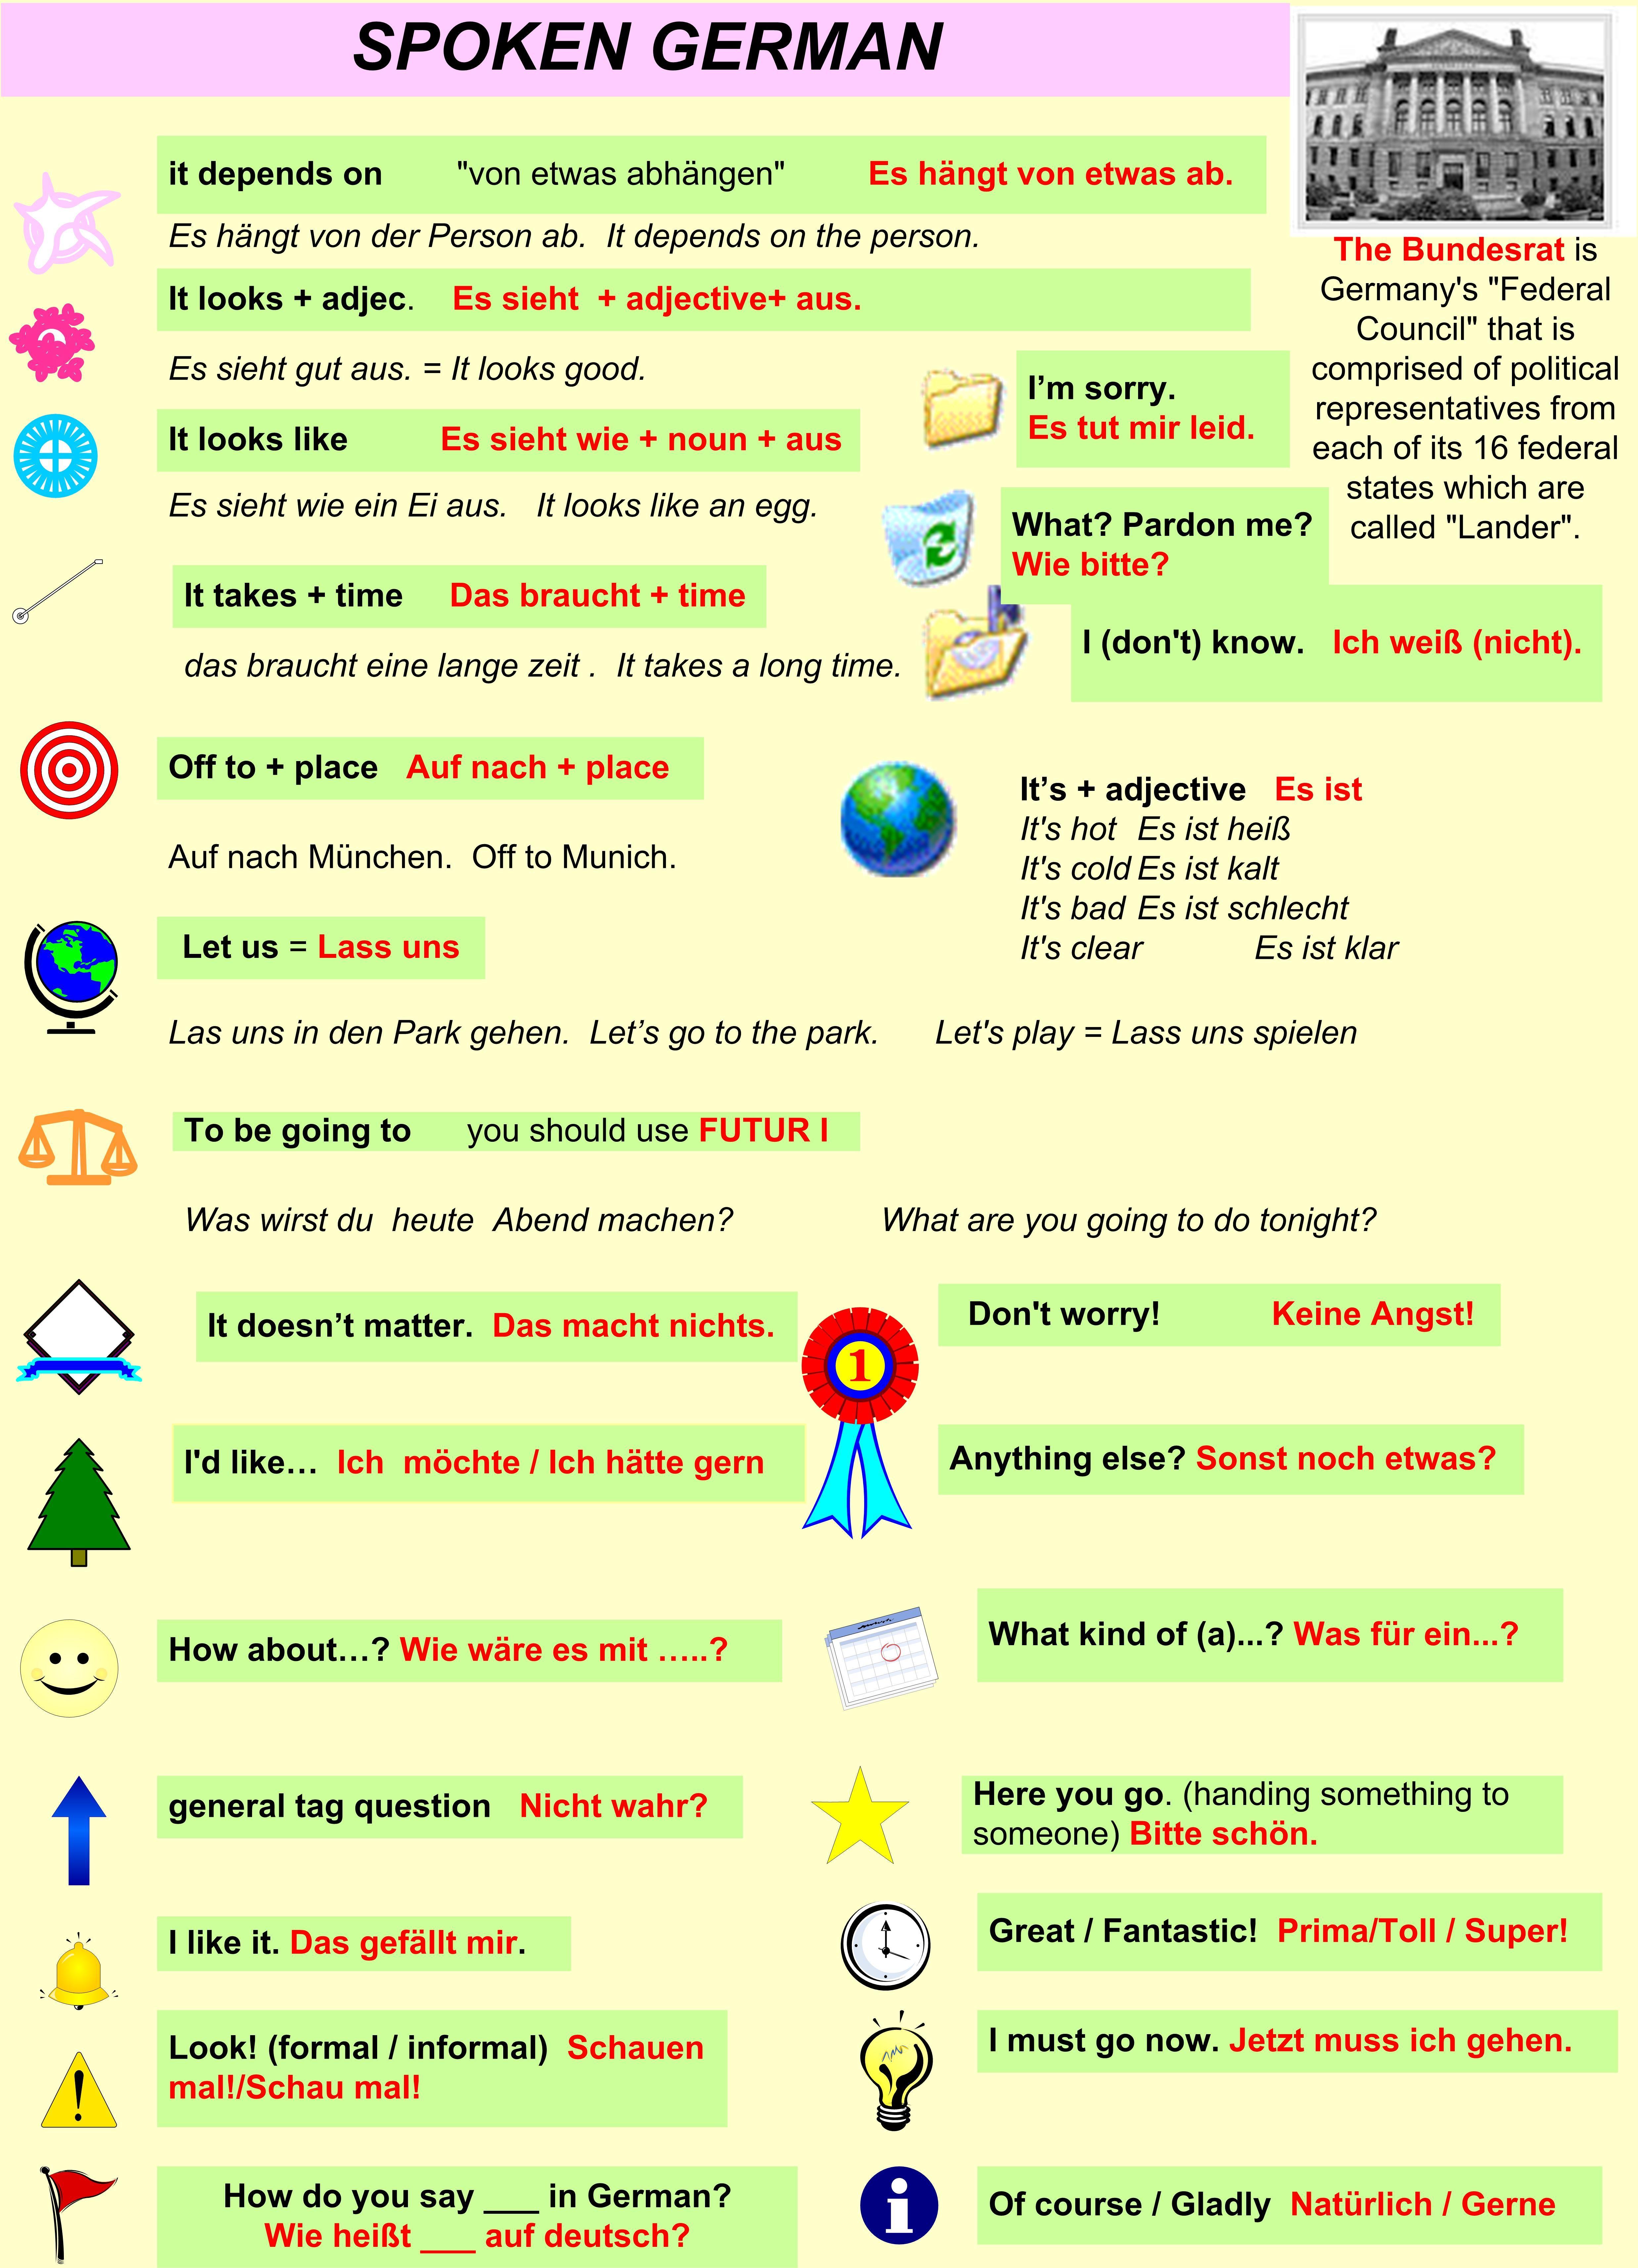 Spoken German Phrases German Phrases German Language German Language Learning